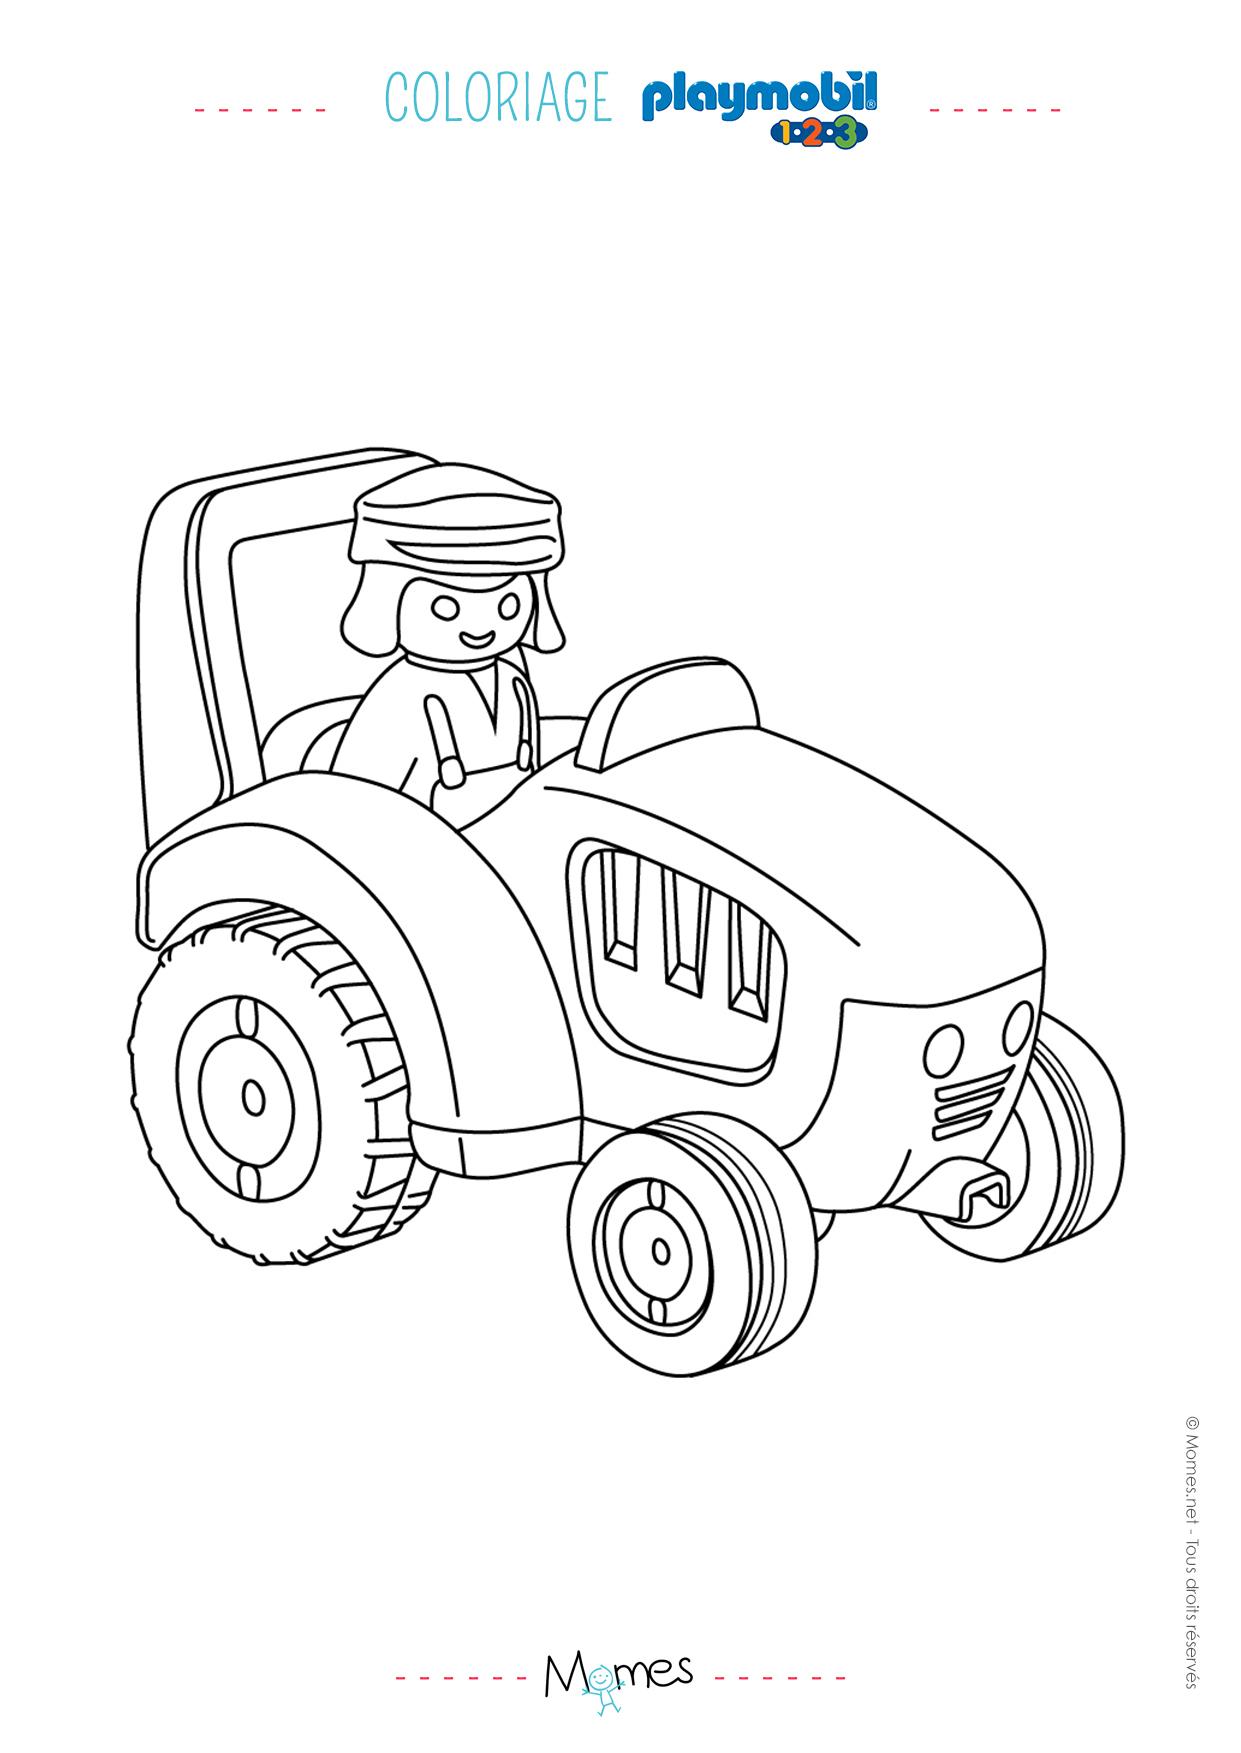 Coloriage Le fermier et le tracteur de Playmobil 123